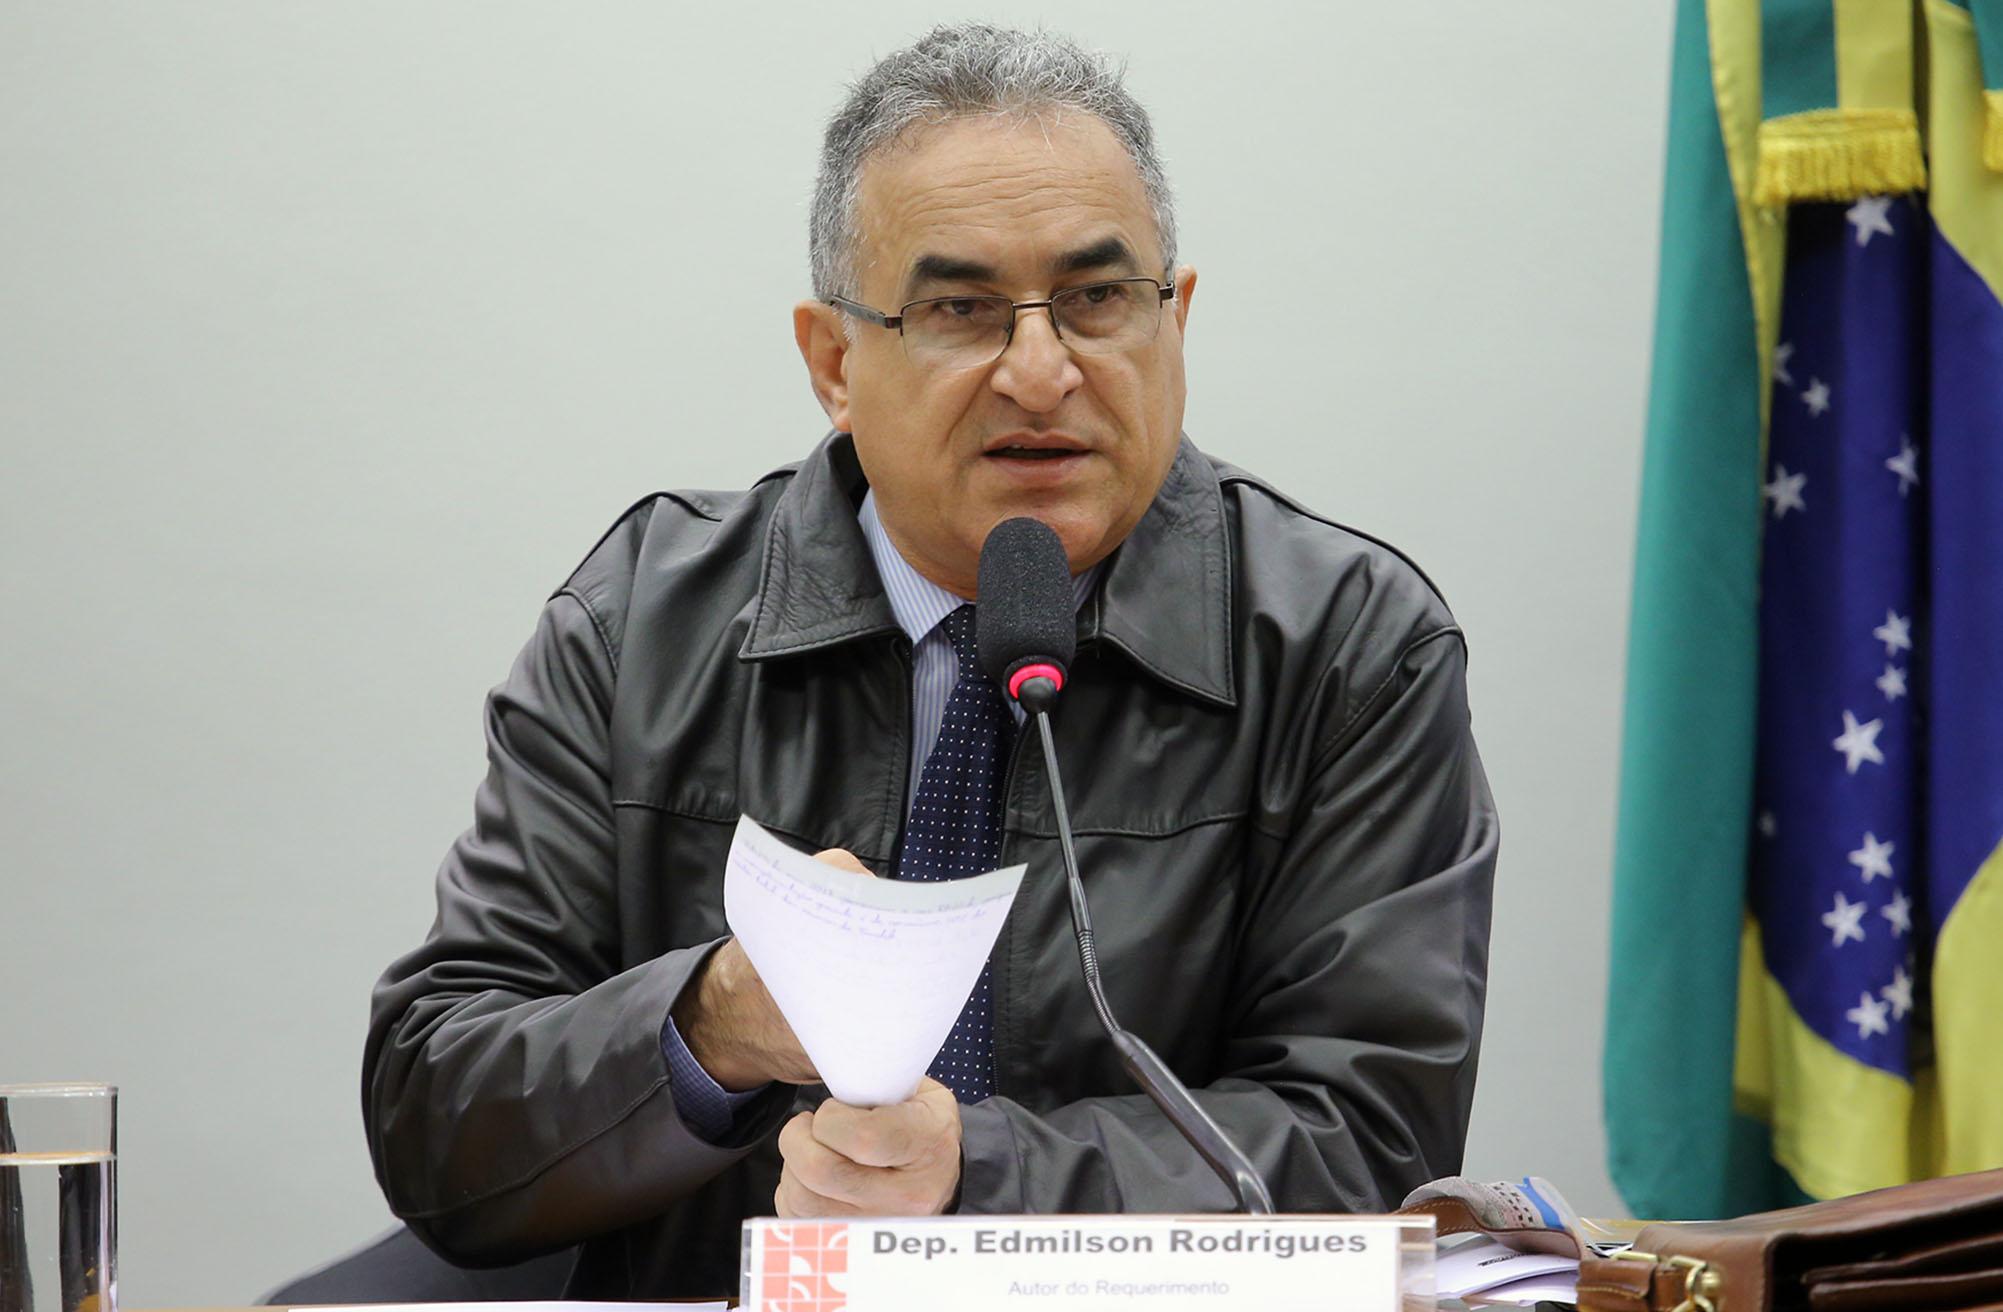 Audiência pública sobre o PL 7029/2013 - Alterações do FUNDEB. Dep. Edmilson Rodrigues (PSOL - PA)